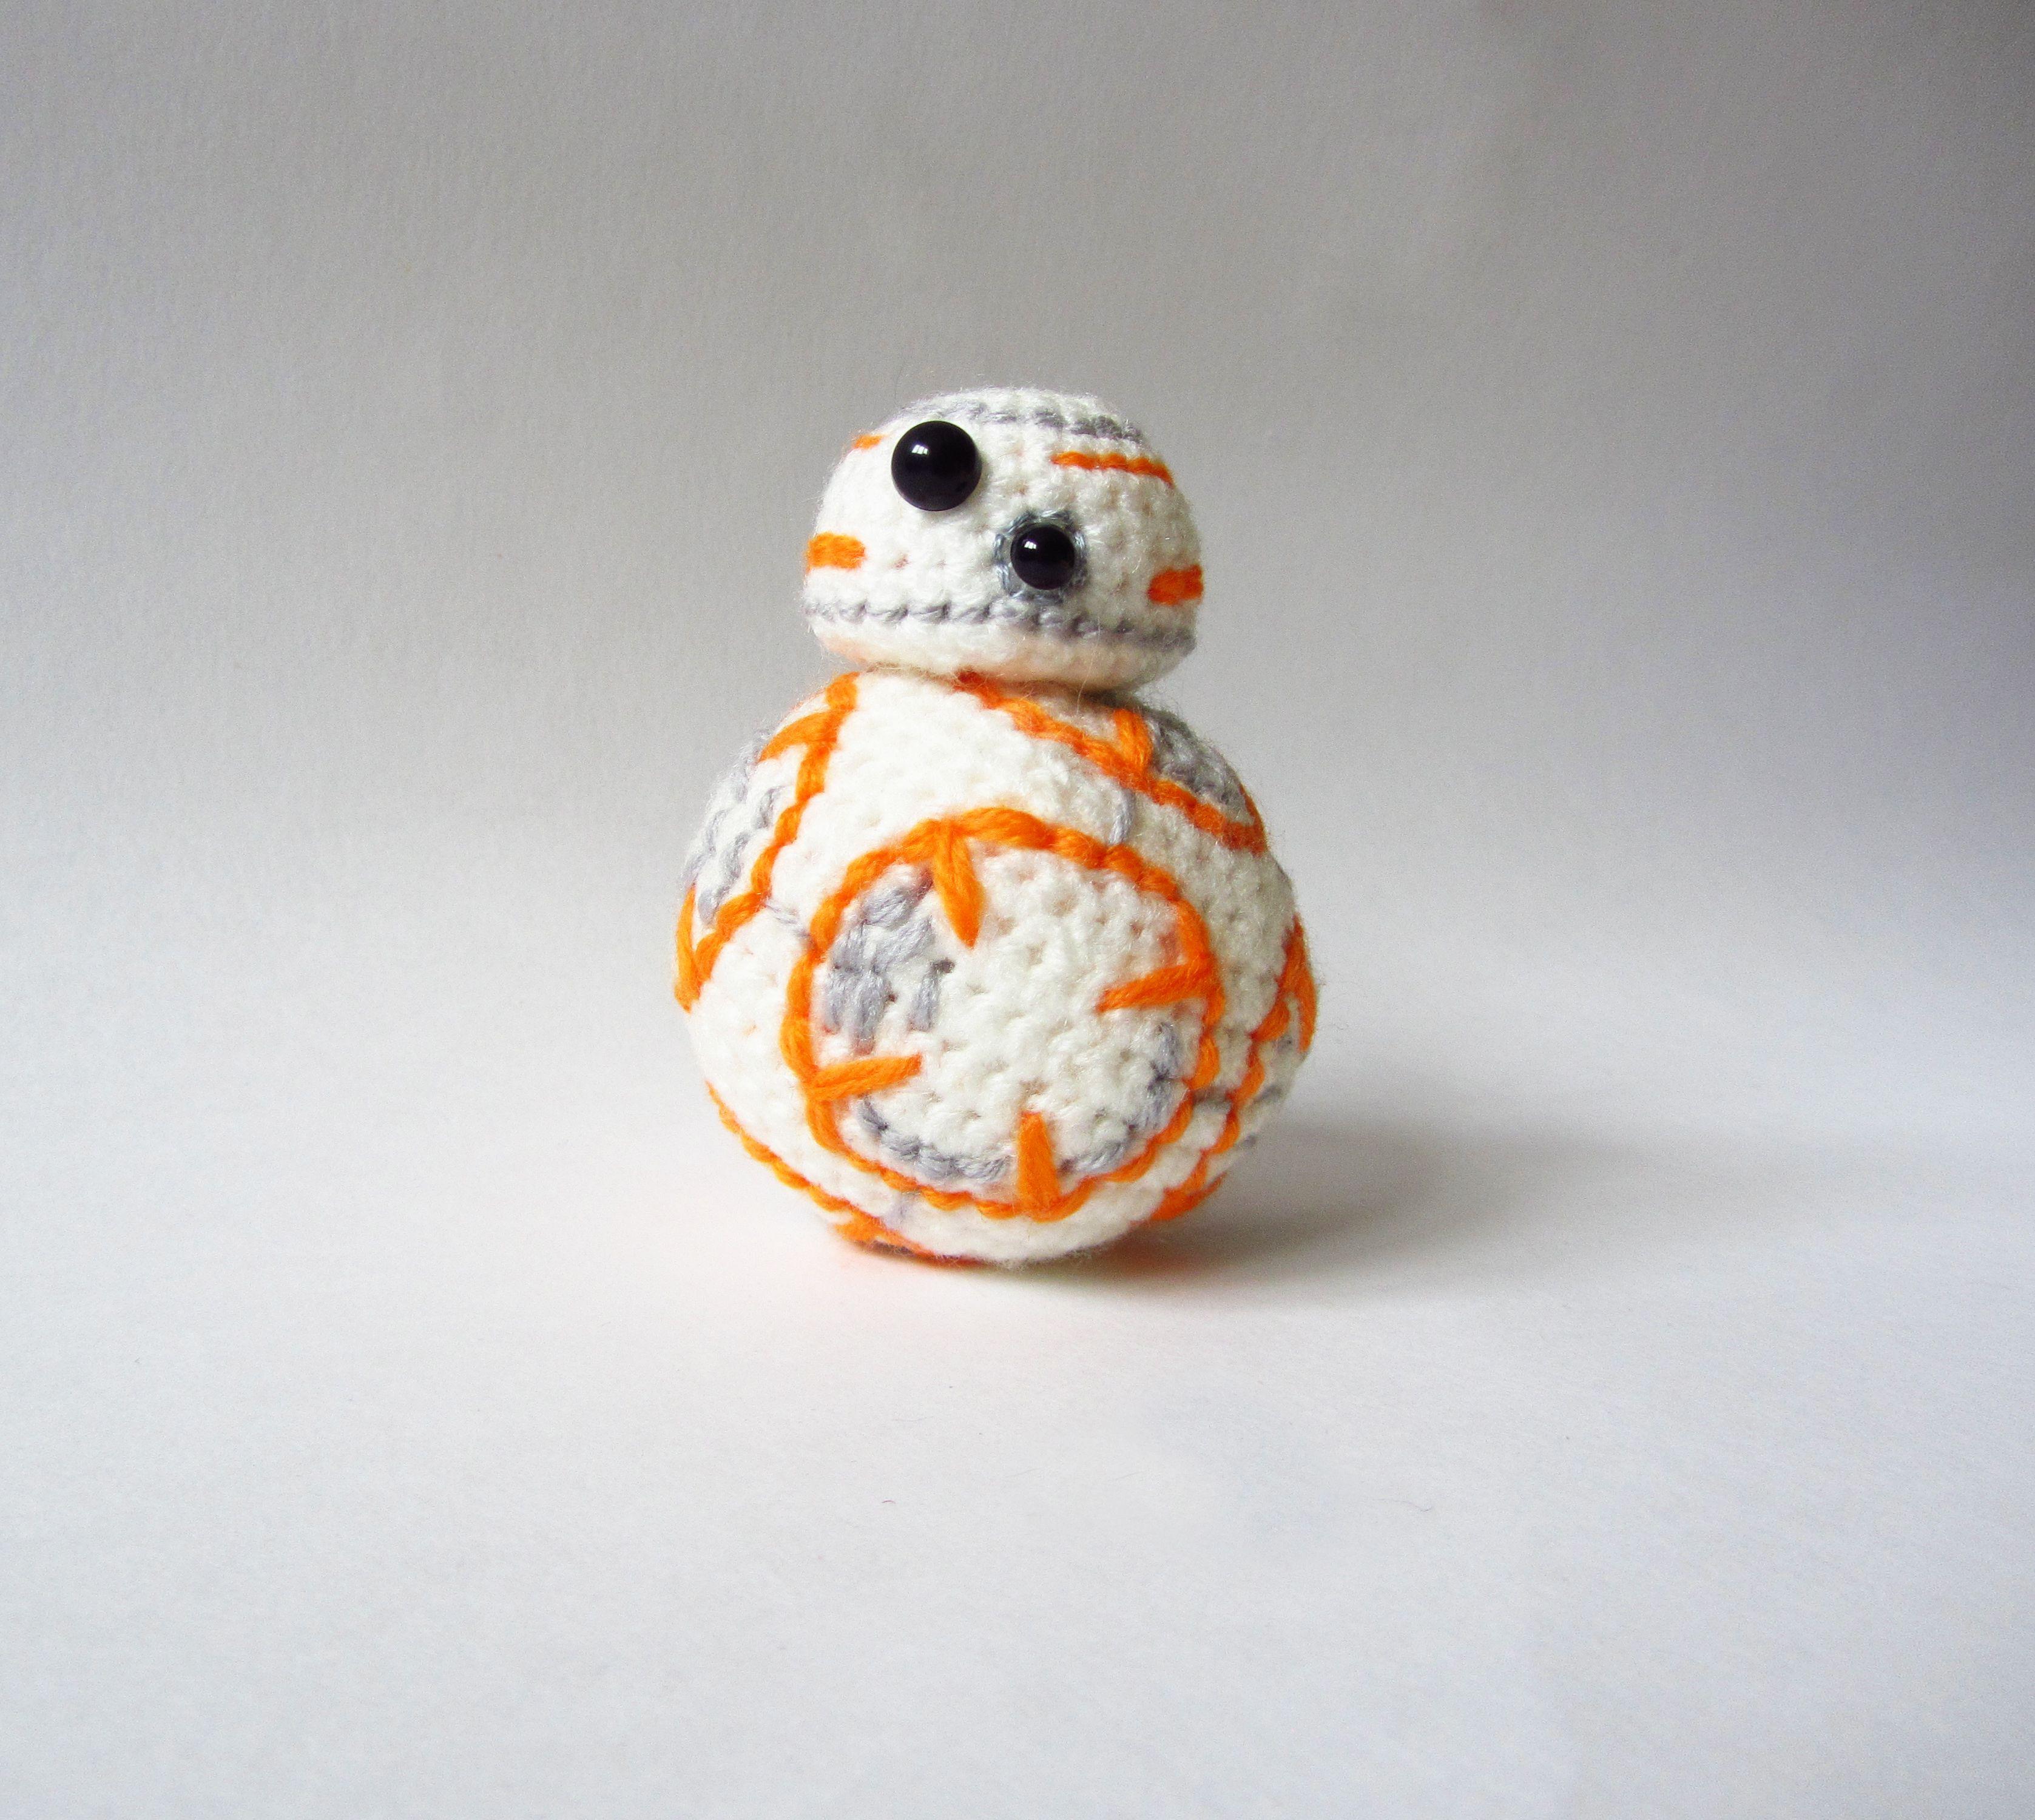 робот амигуруми starwars droid звёздныевойны дроид handmade amigurumi